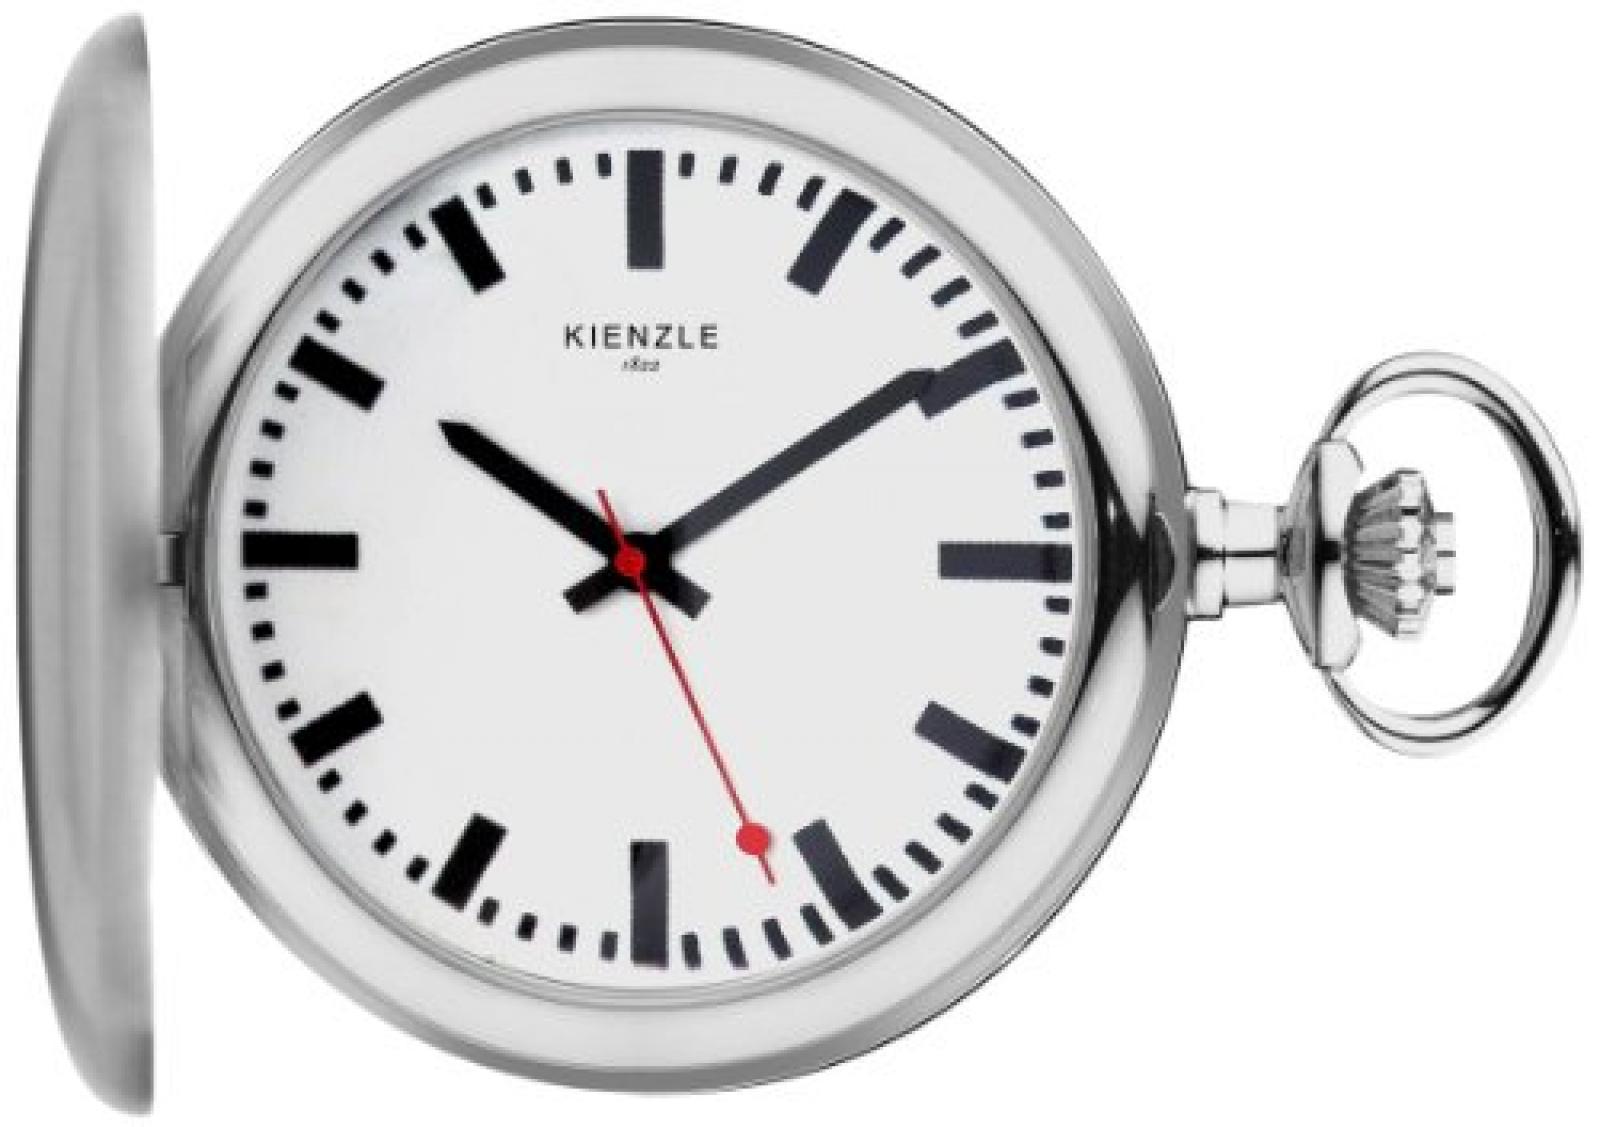 Kienzle Taschenuhr Unisex TAU Analog K7113312210-00238